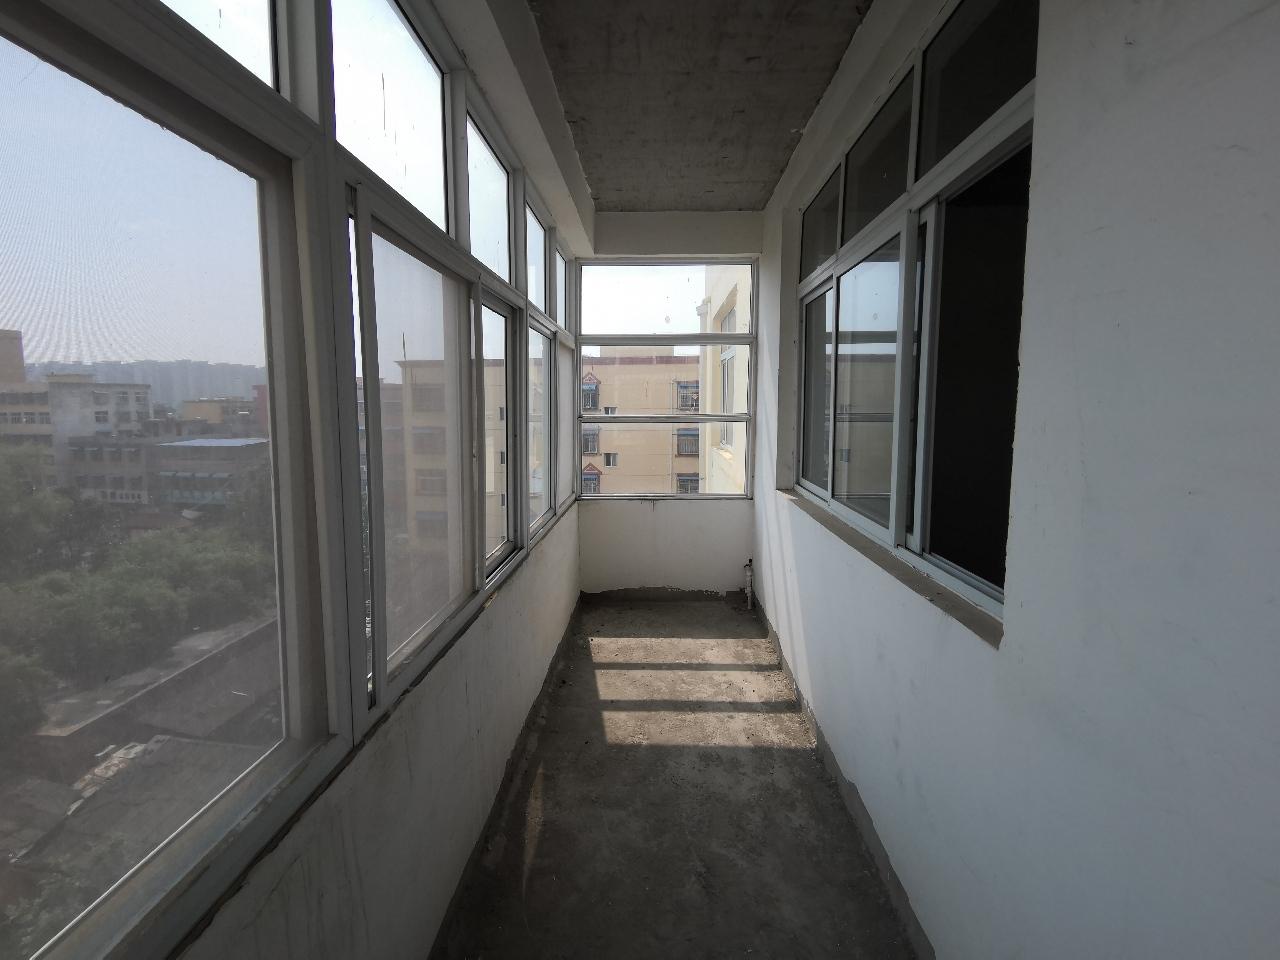 錦匯廣場超級罕見的憨點房室2廳2衛25.5萬元